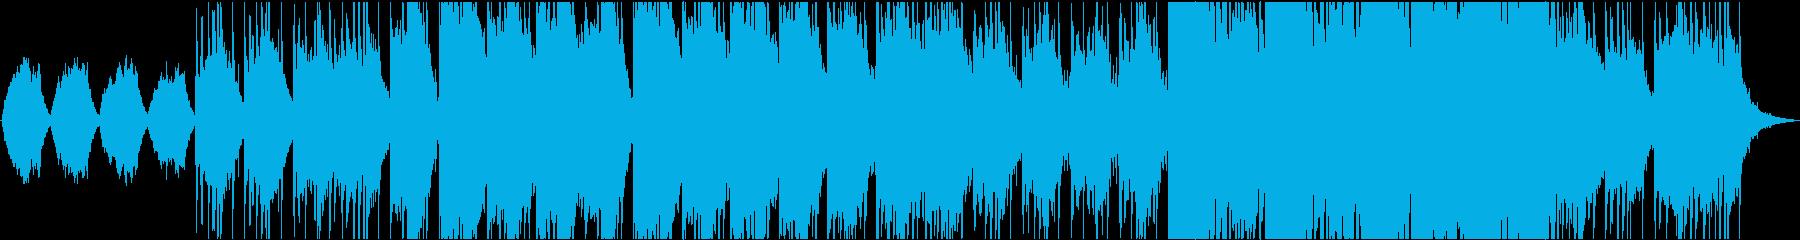 トラップ、シンセポップ、シネマティ...の再生済みの波形